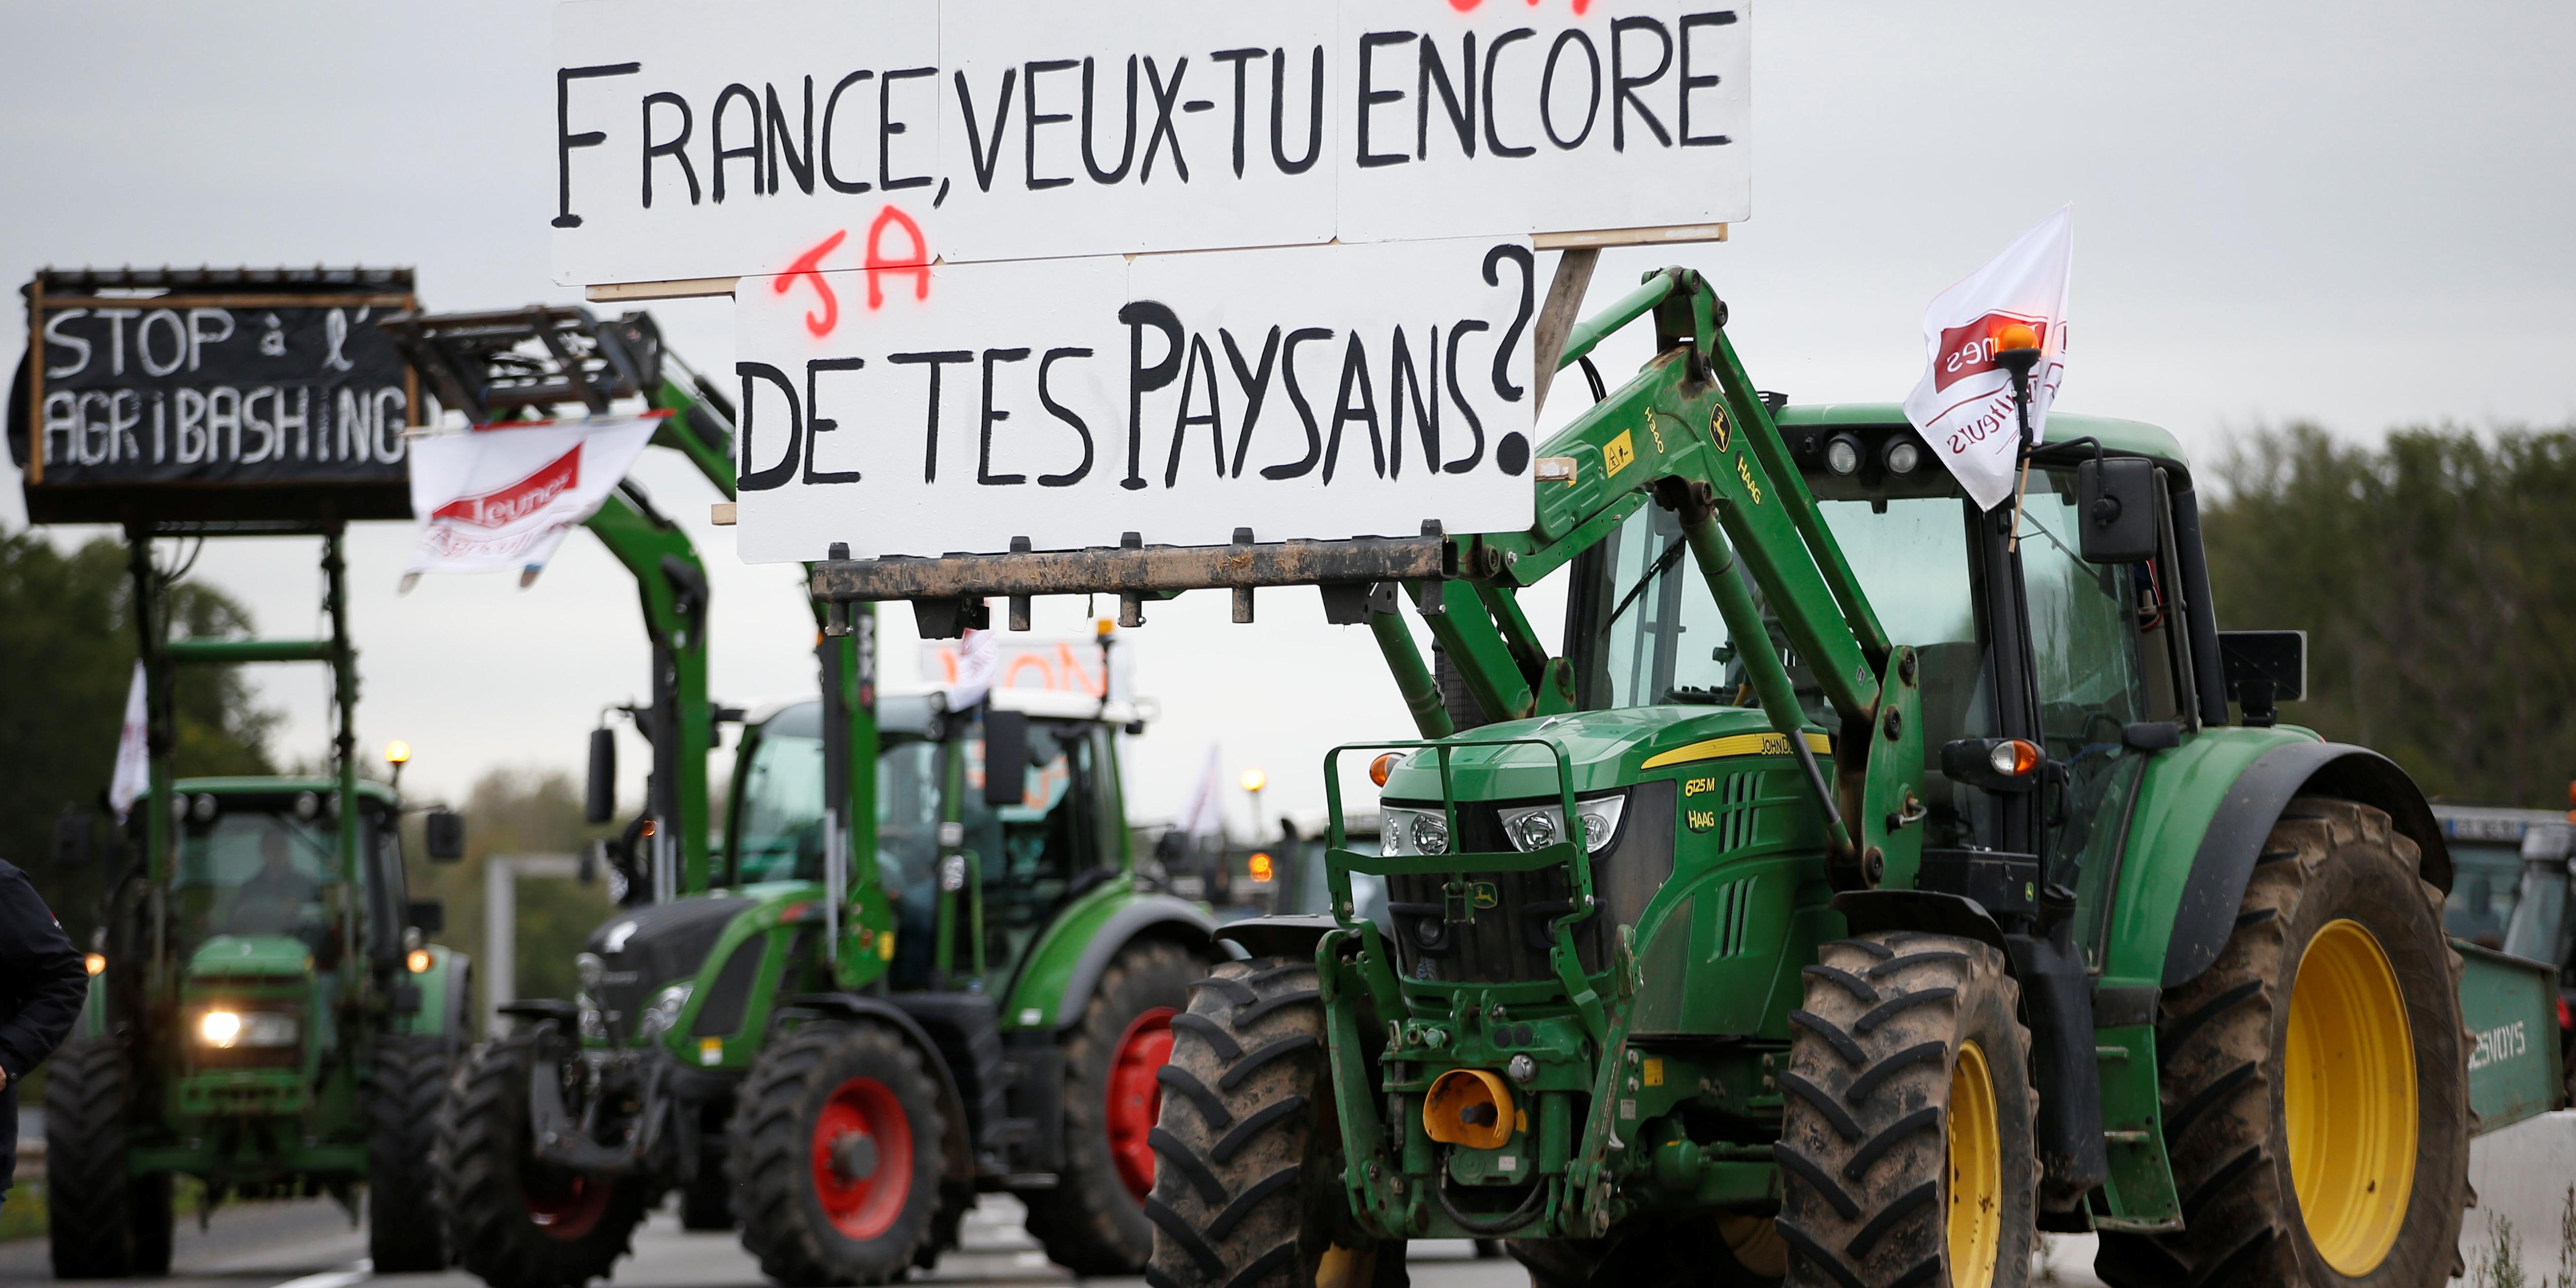 """""""France, veux-tu encore de tes paysans?"""" Les agriculteurs fustigent l'agribashing et interpellent Macron"""